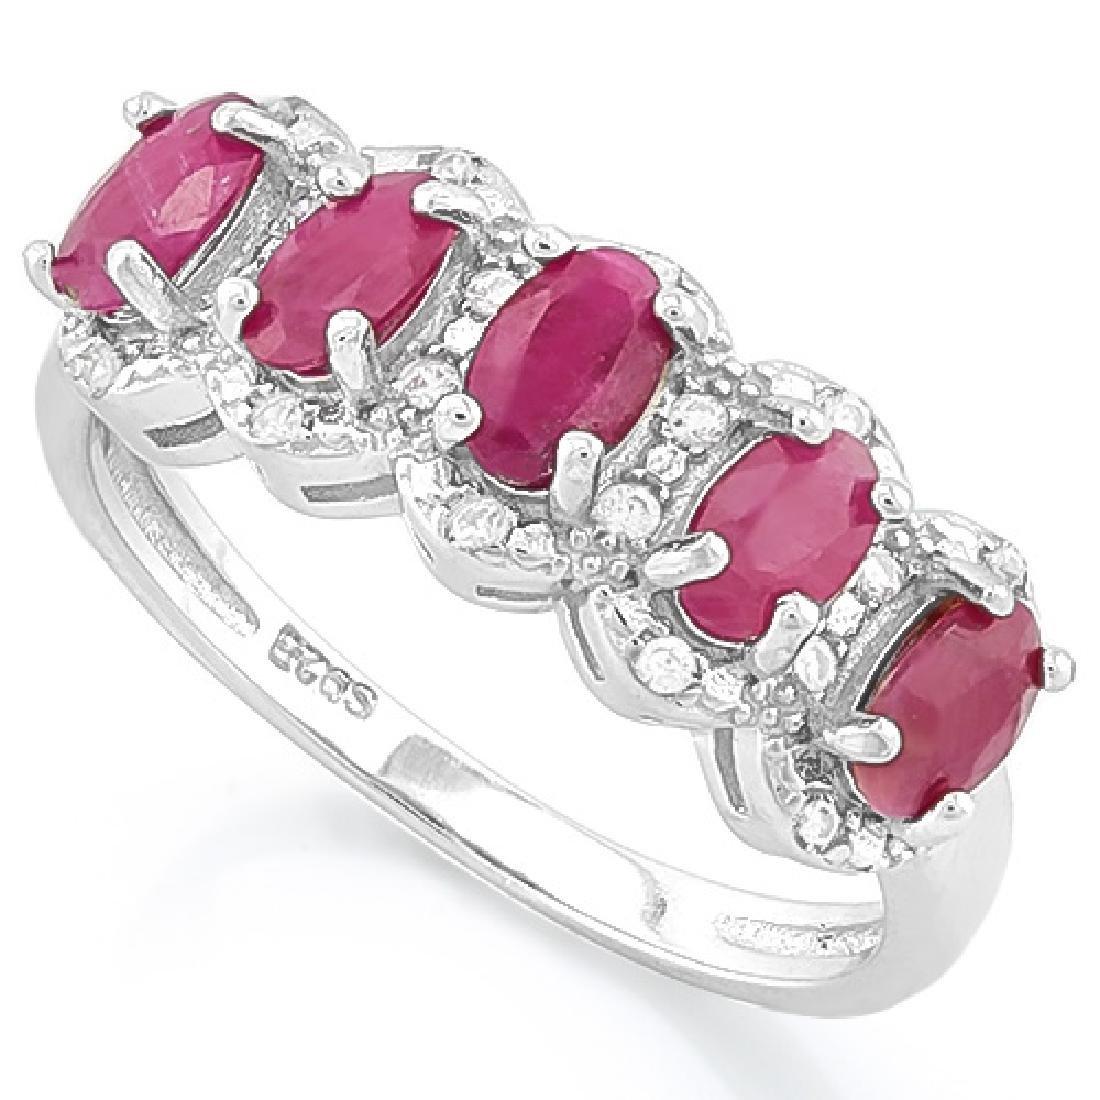 FABULOUS 8CT GENUINE RUBY/DIAMOND OVAL ROW RING